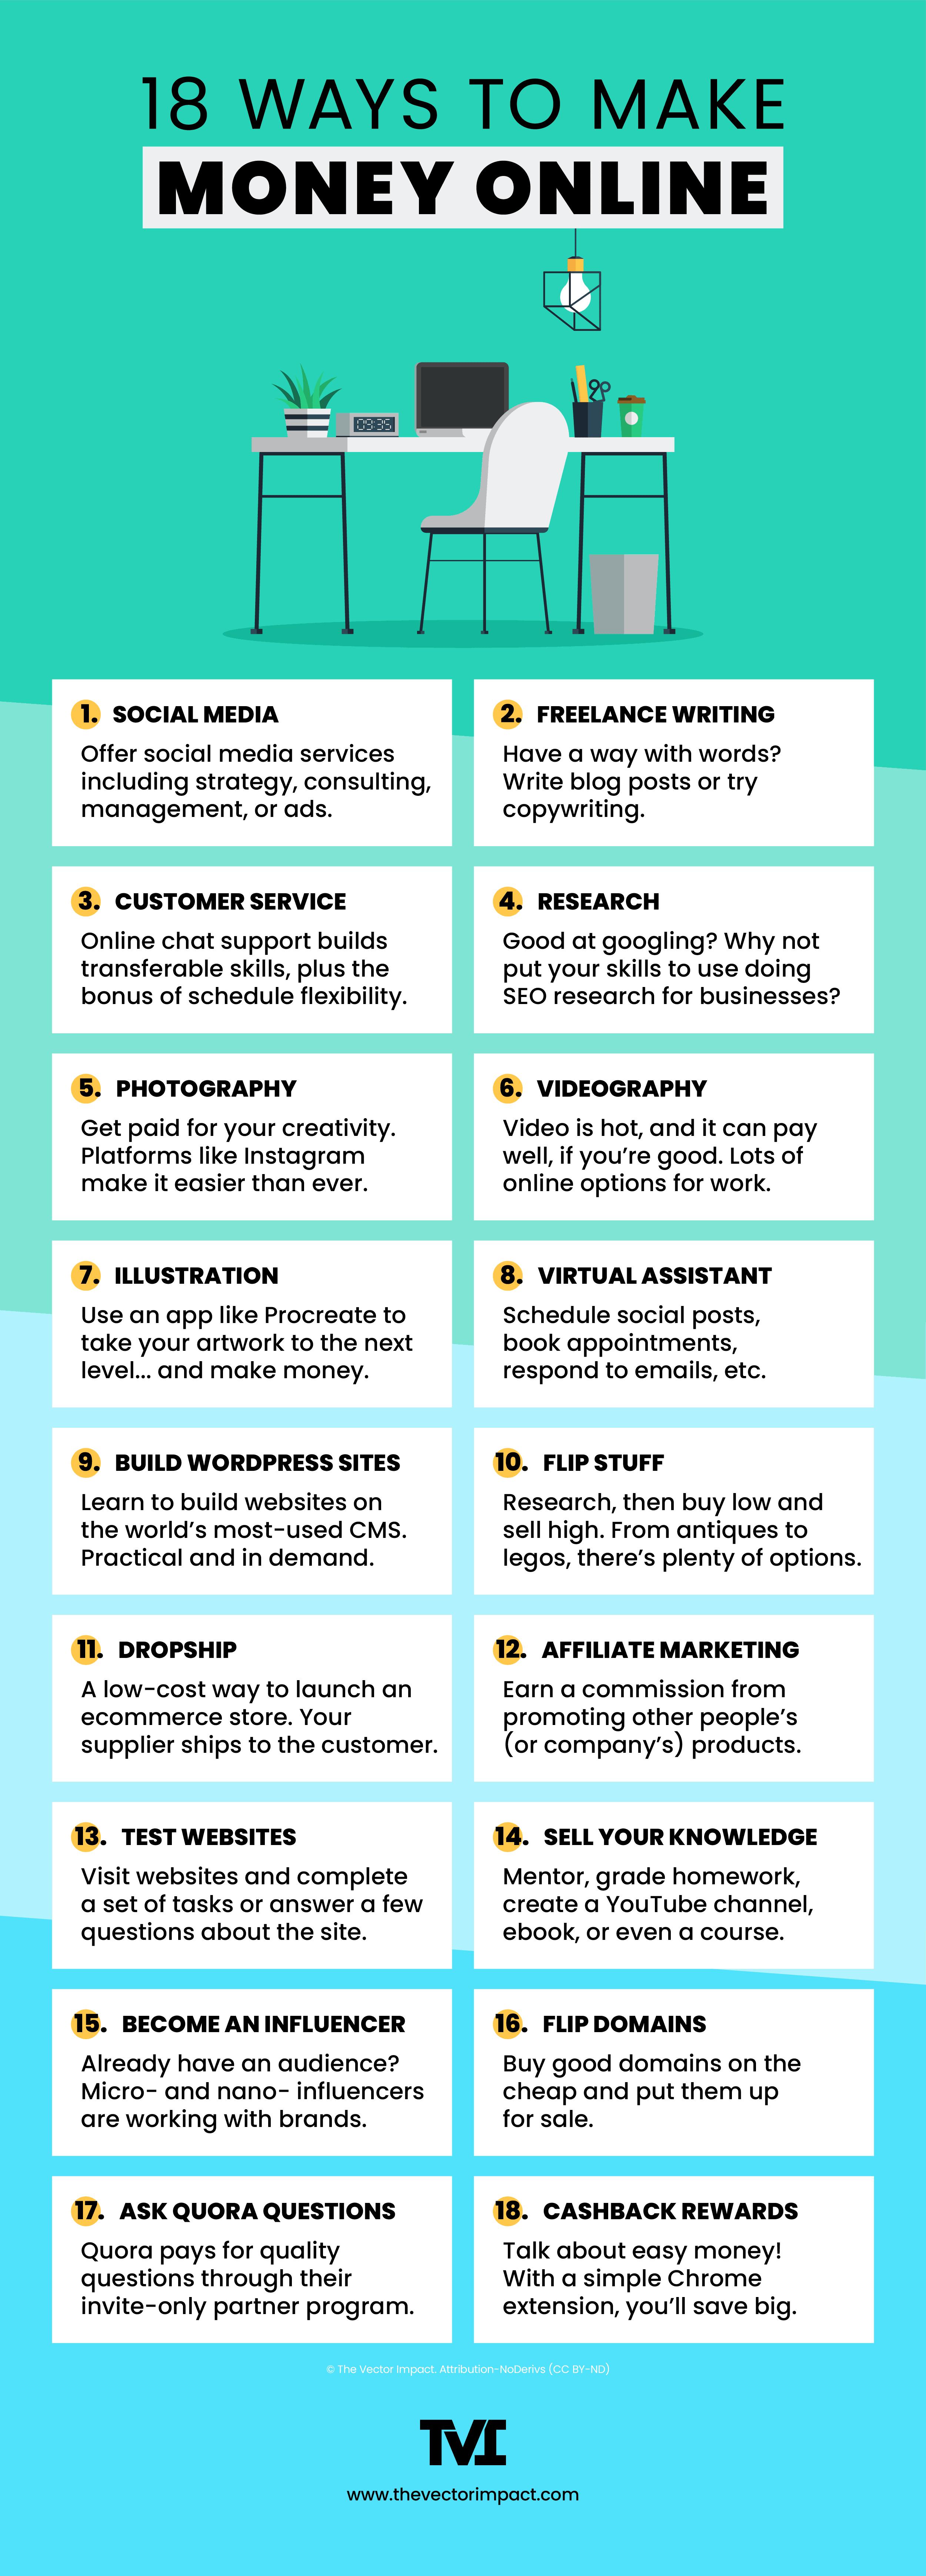 18 ways to make money online